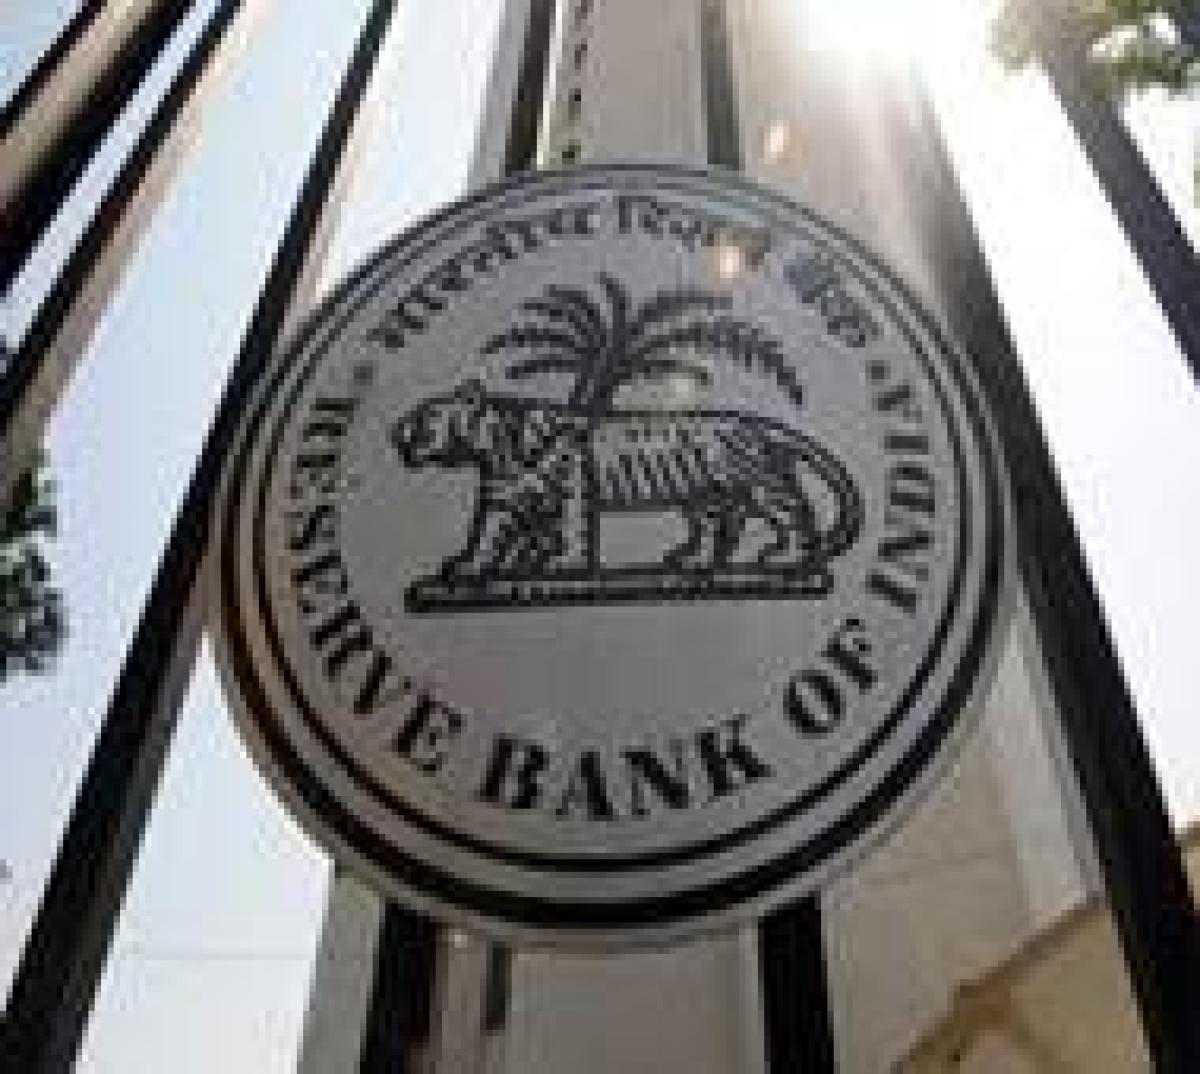 Ujjivan shares down 5% on RBI move